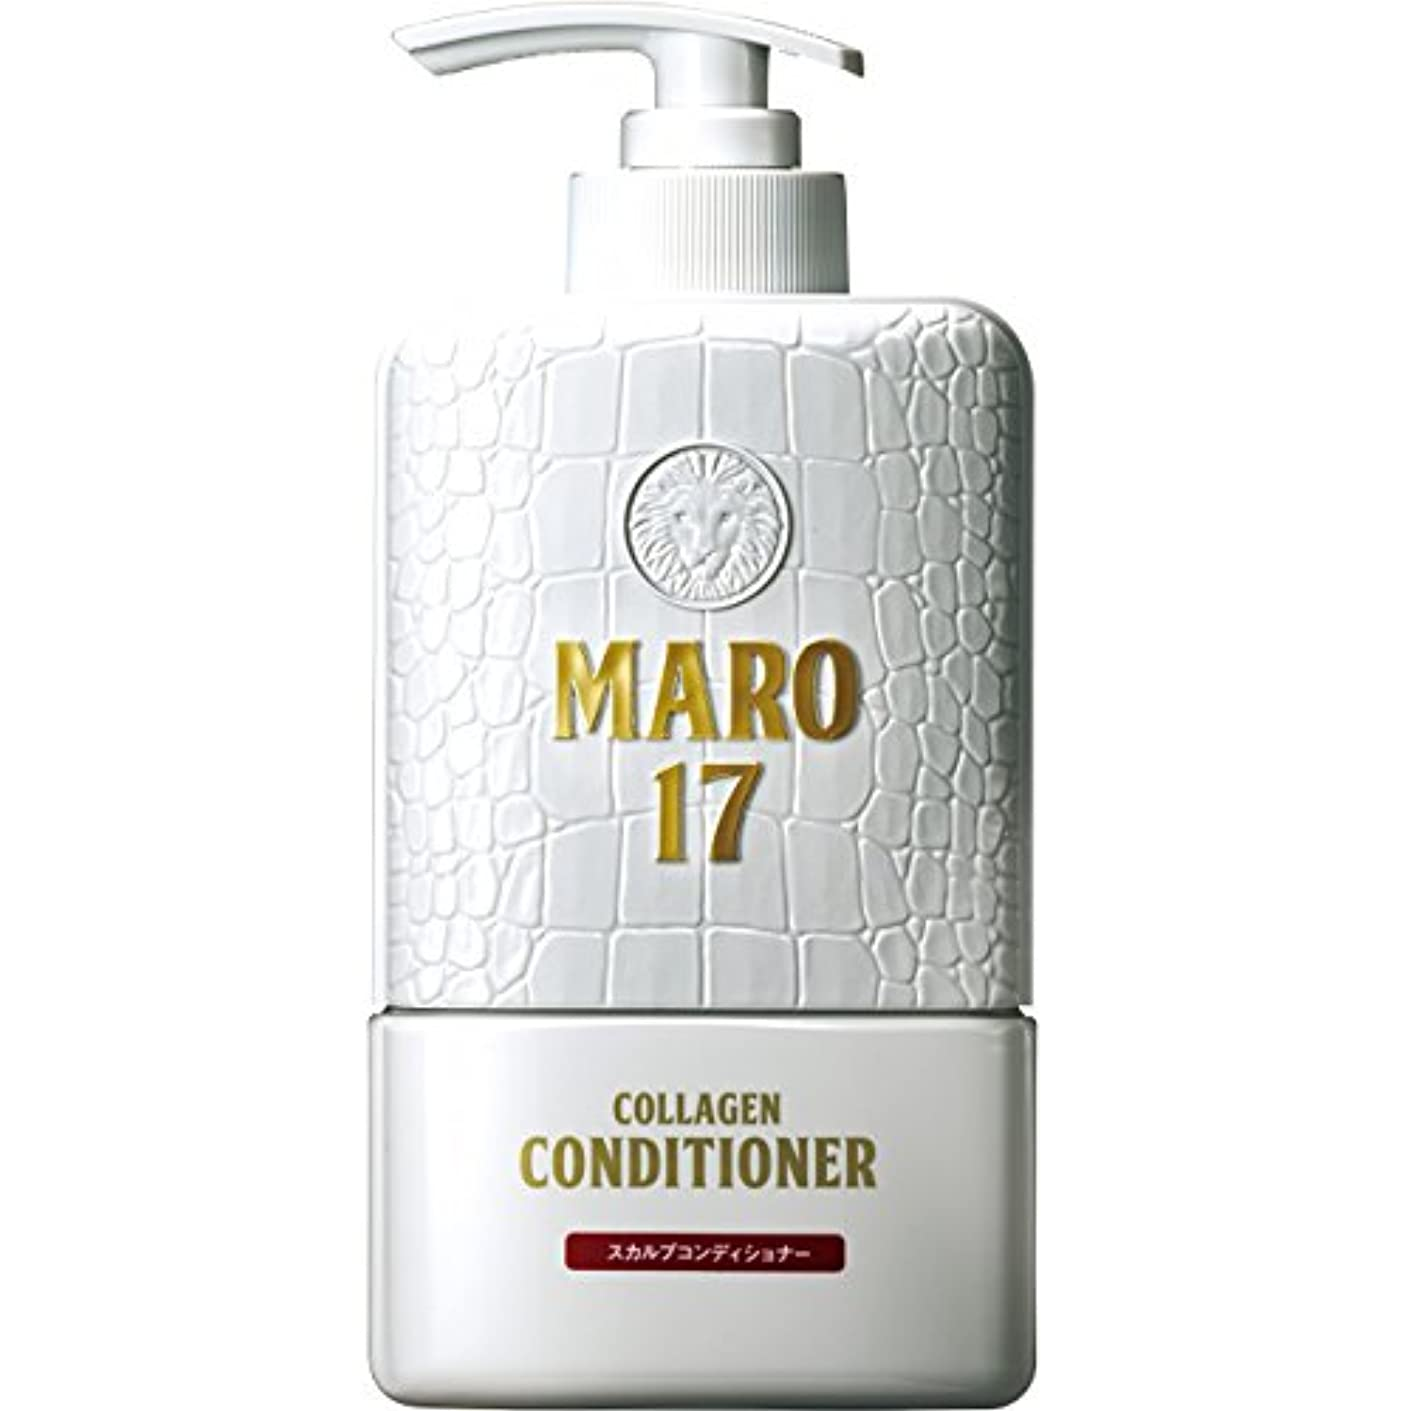 著名な大統領無効にするMARO17 コラーゲン スカルプ コンディショナー 350ml